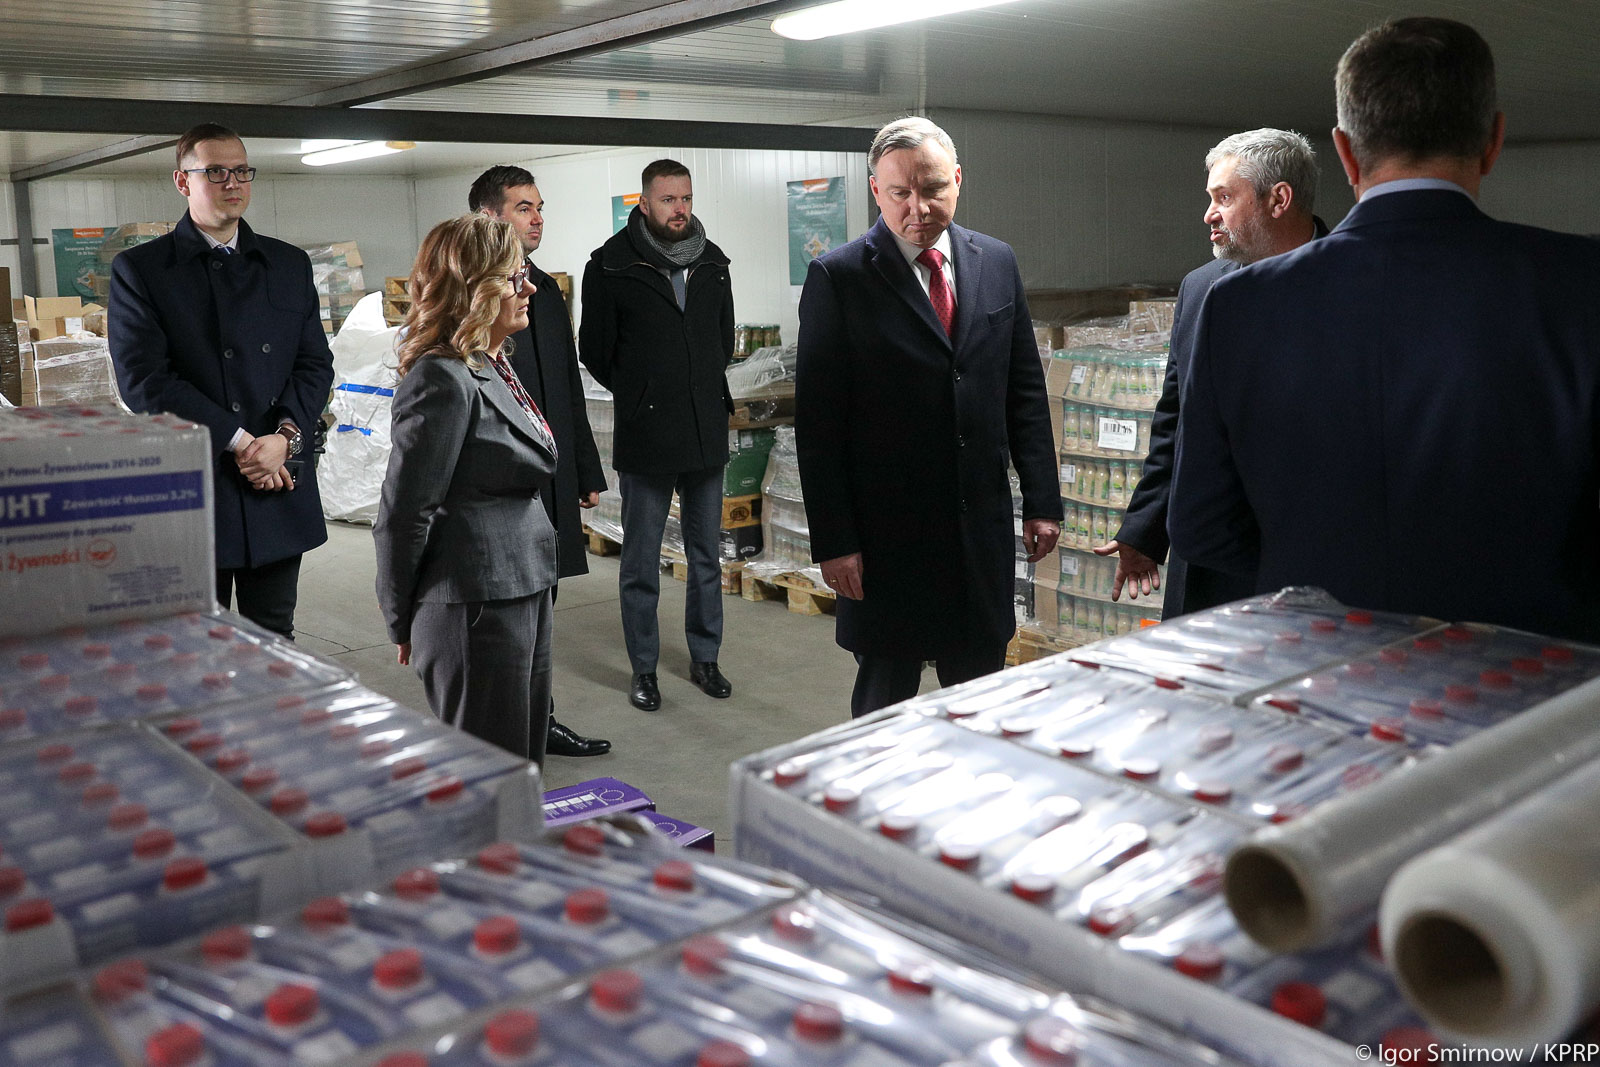 Prezydent RP Andrzej Duda i min. J. K. Ardanowski podczas wizyty w Banku Żywności w Ciechanowie